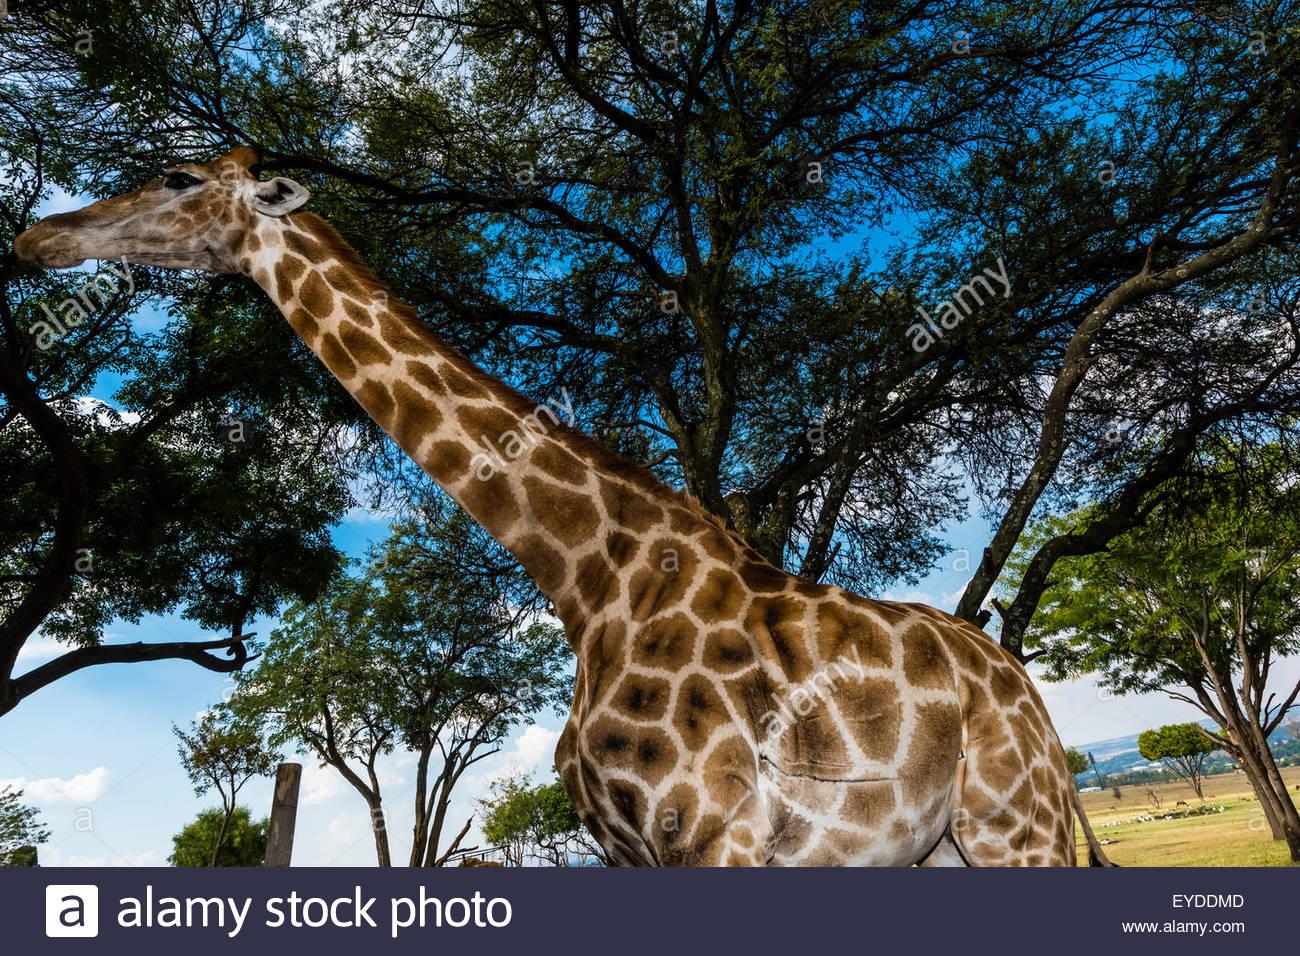 La girafe, le Lion Park, près de Johannesburg, Afrique du Sud. Photo Stock